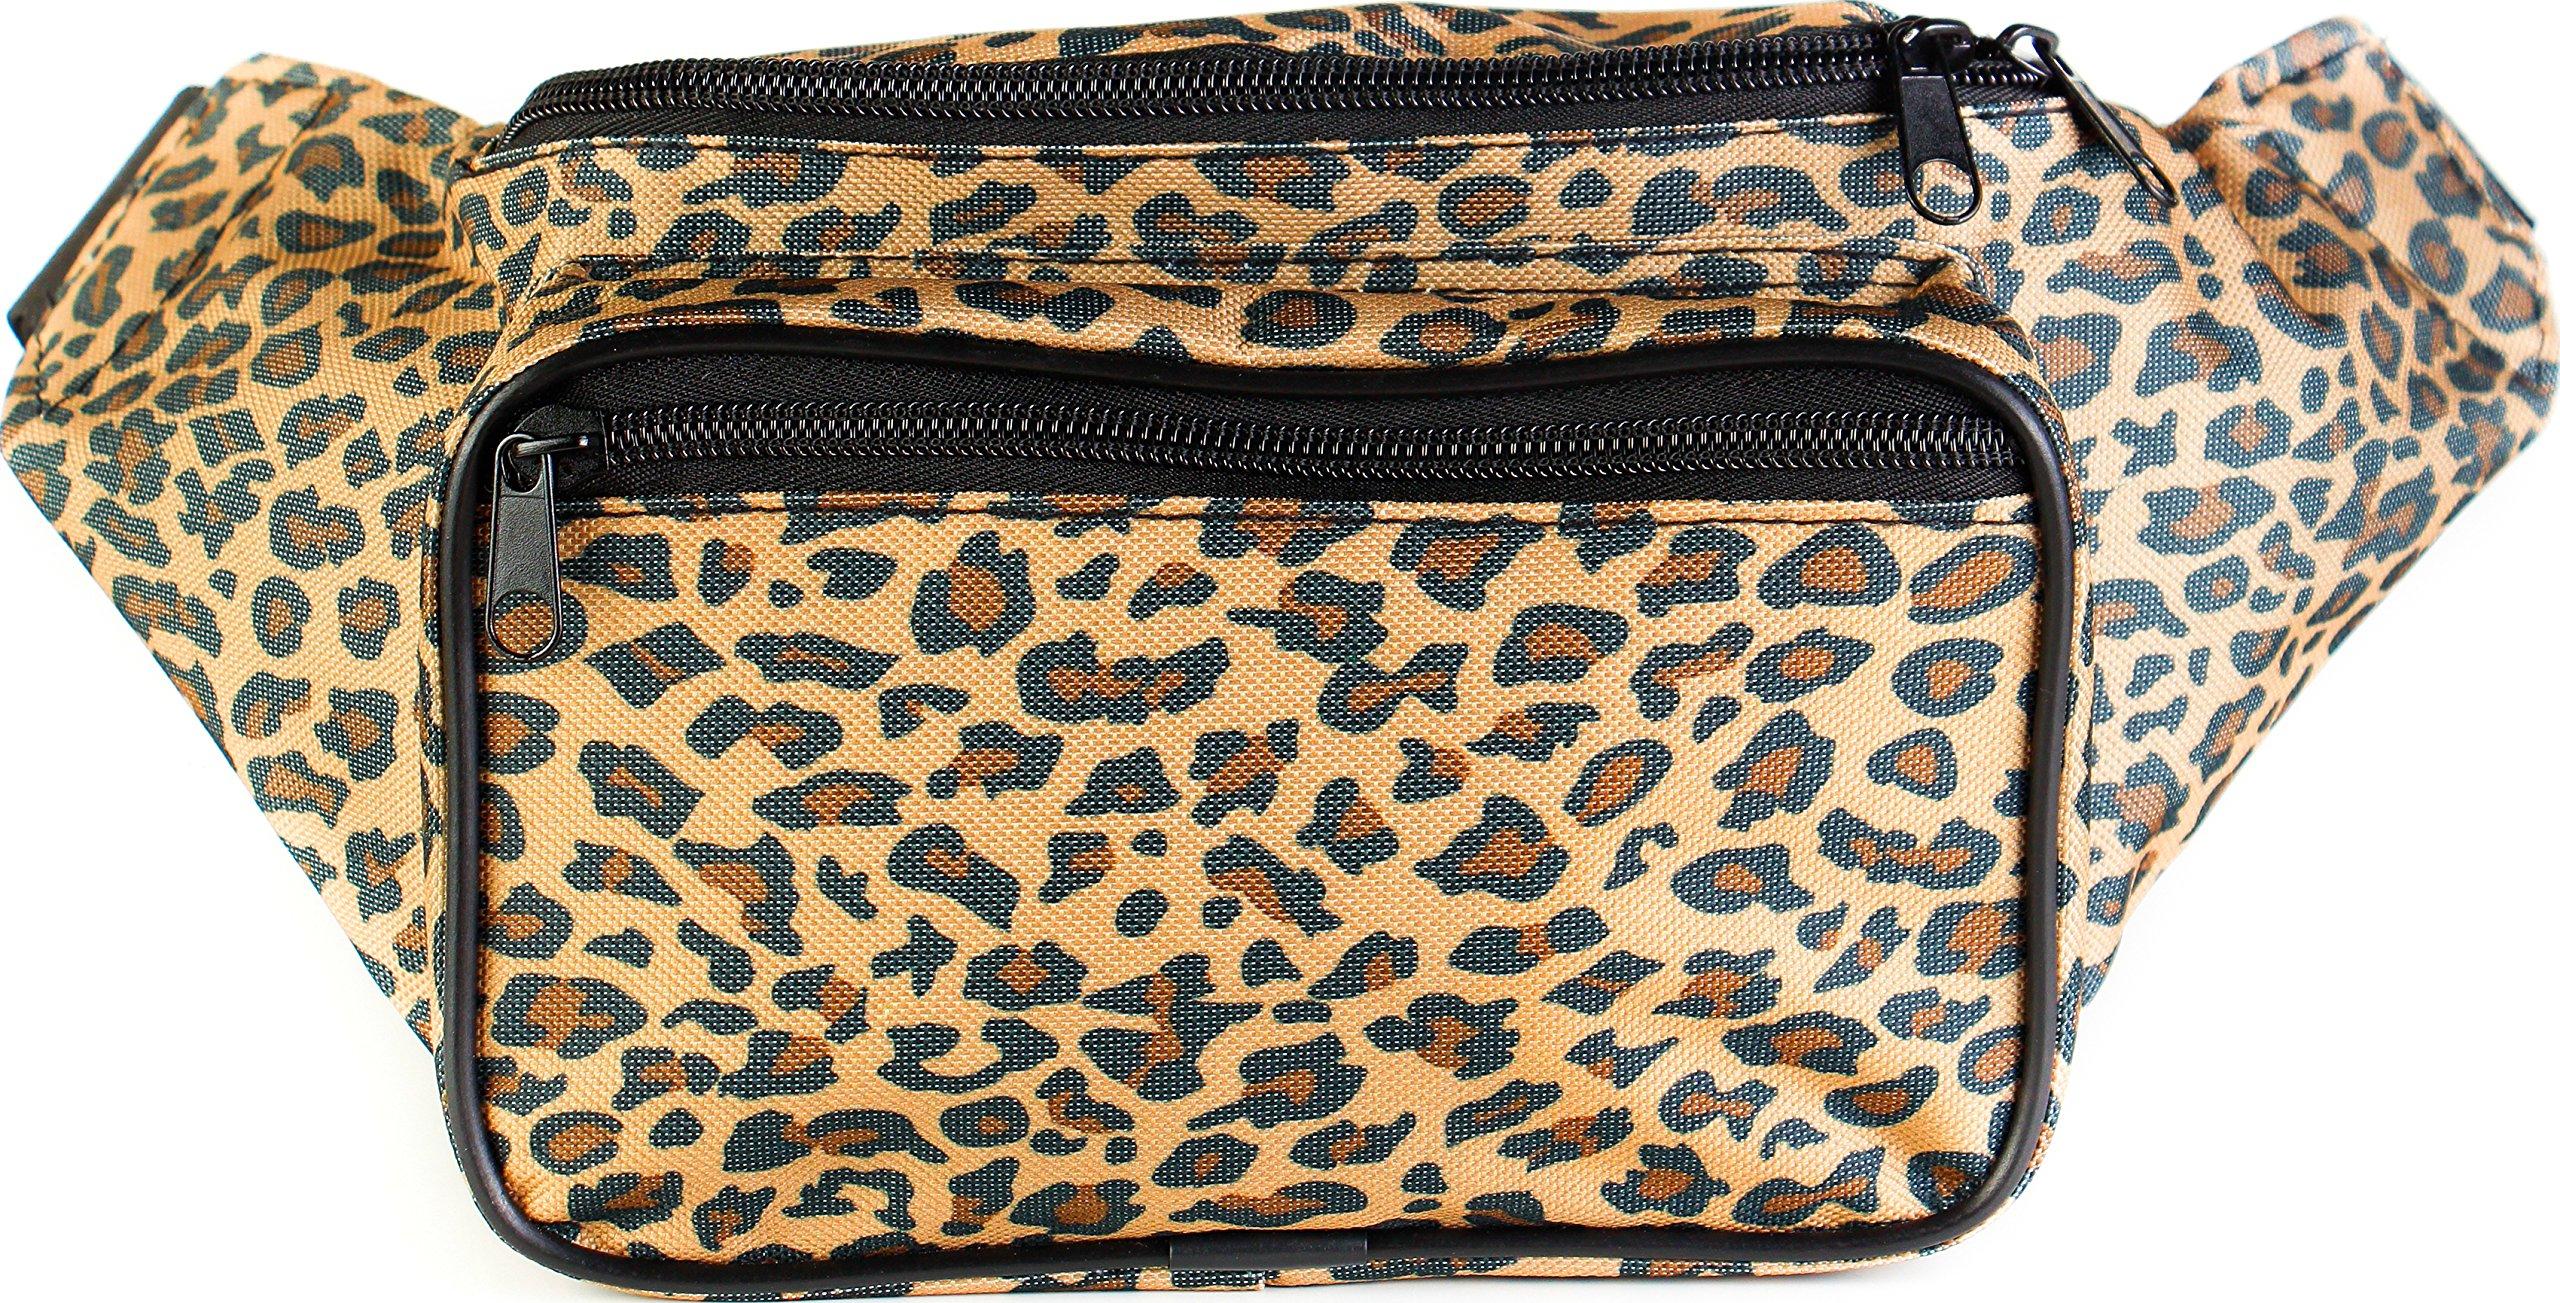 SoJourner Bags Cheetah Fanny Pack, Tan